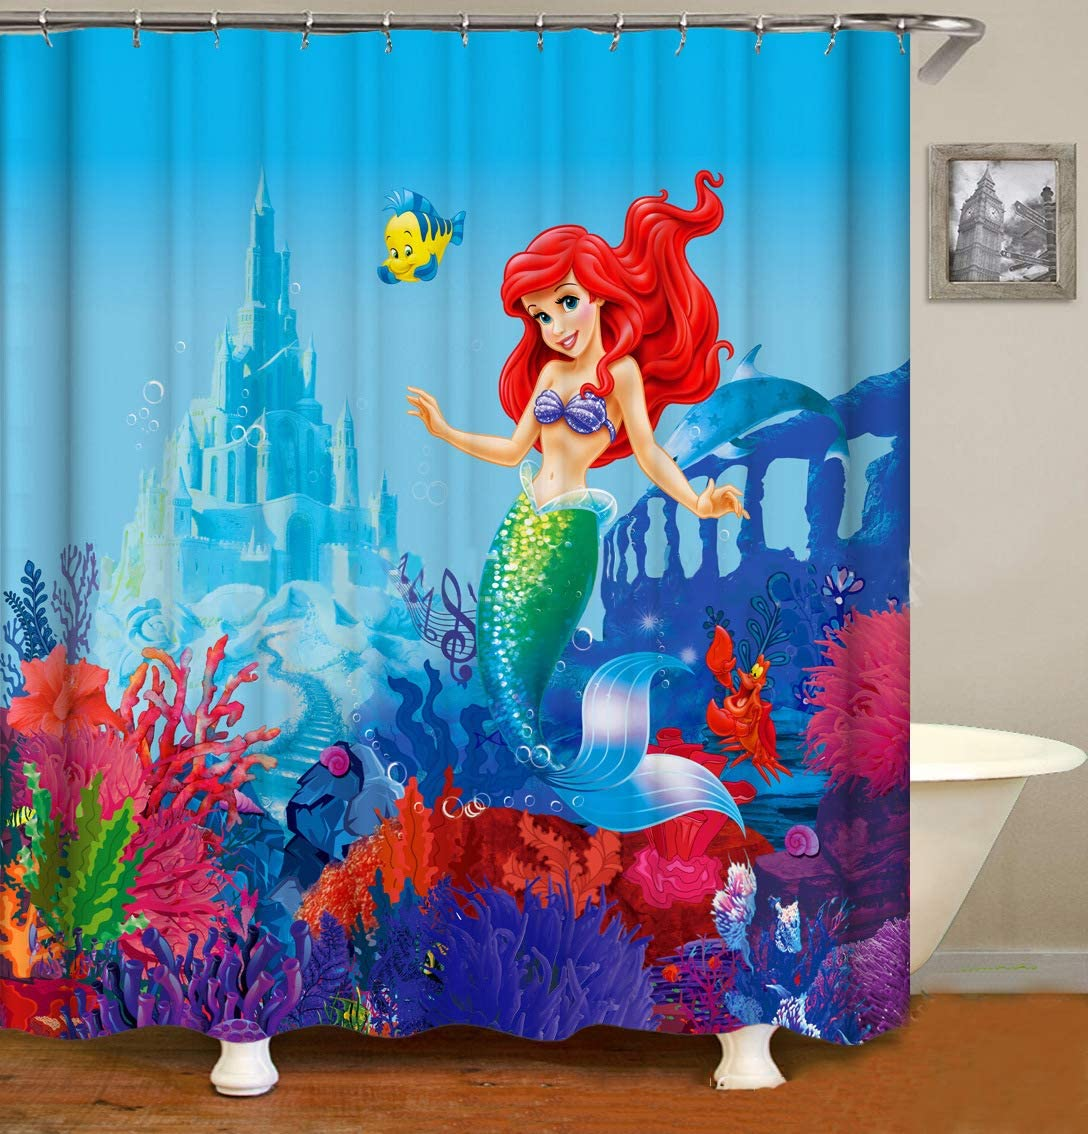 Cortinas de Ducha Disney diseño de Sirena con 12 Ganchos,Cortina de Ducha de Tejido Prueba de Moho Impermeable al Baño (180X180cm)